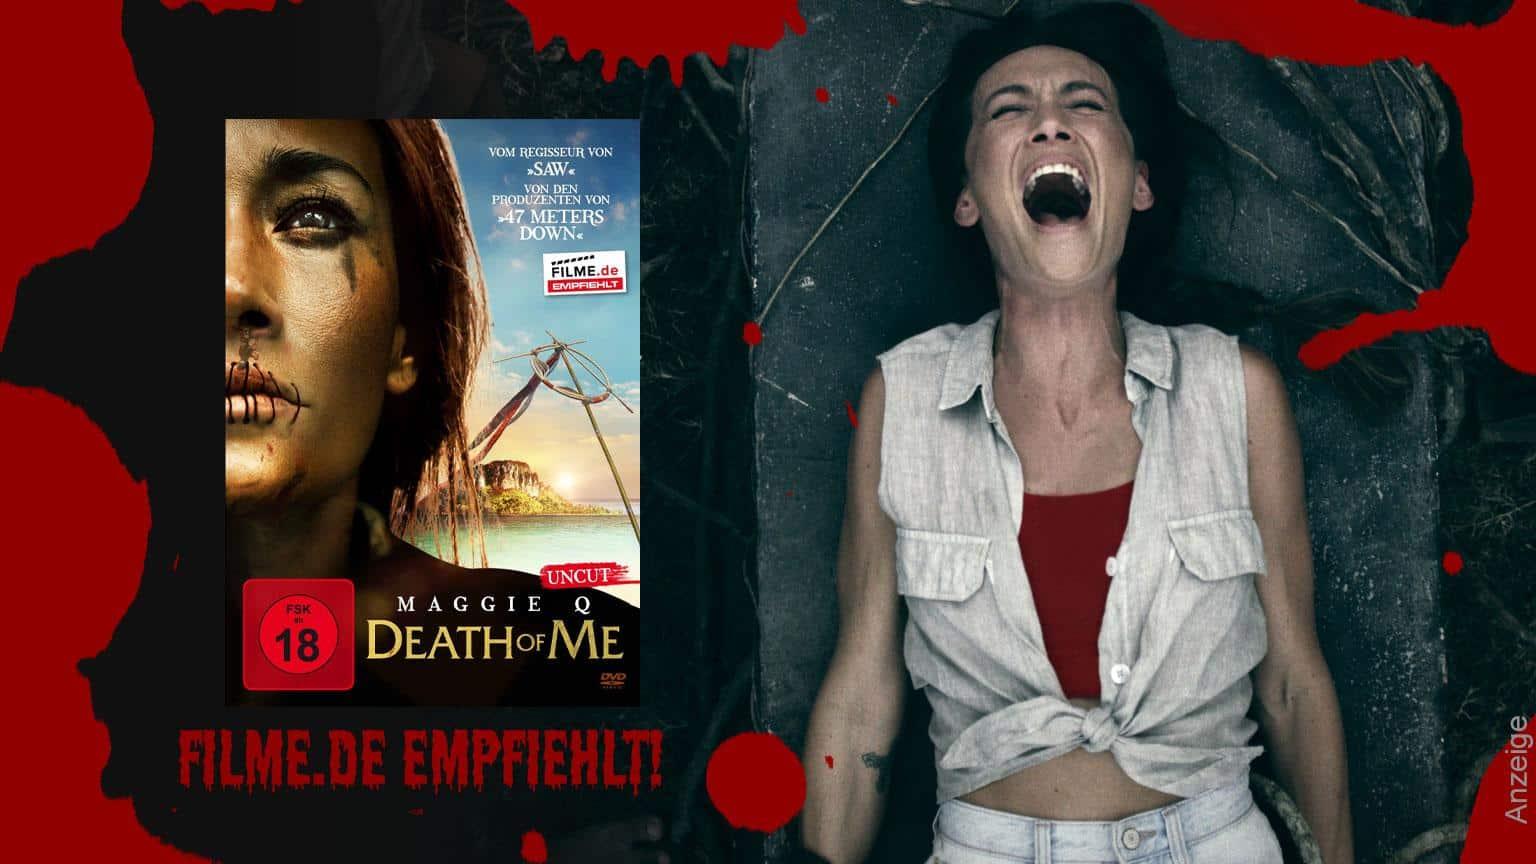 Death of me Film 2020 Horror Thriller Filme.de empfiehlt Shop kaufen Anzeige